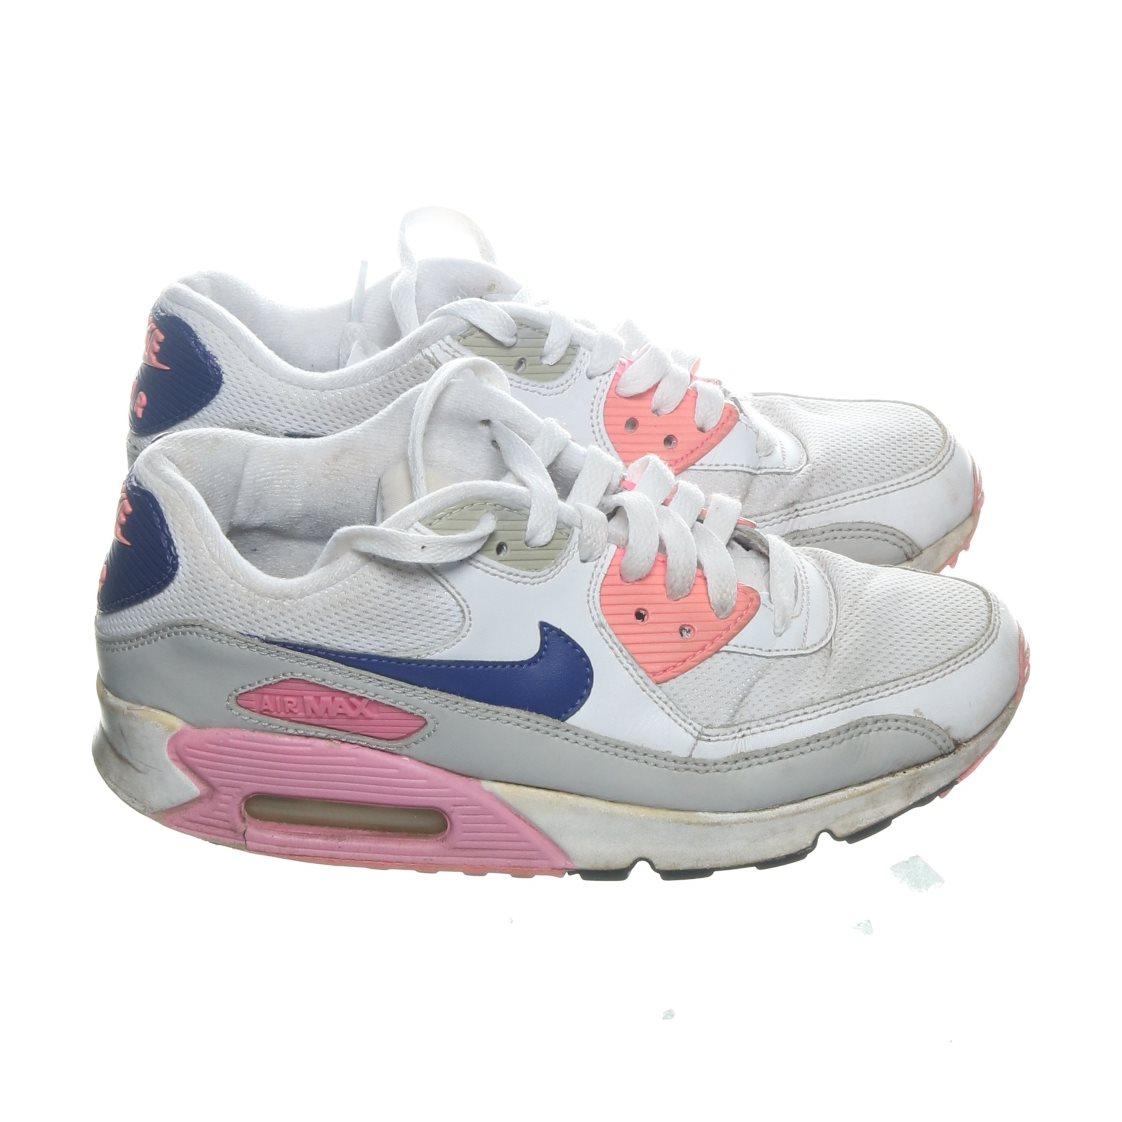 big sale 835da 3d71c Nike, Sneakers, Strl  38,5, Air Max 90 Essential, Vit